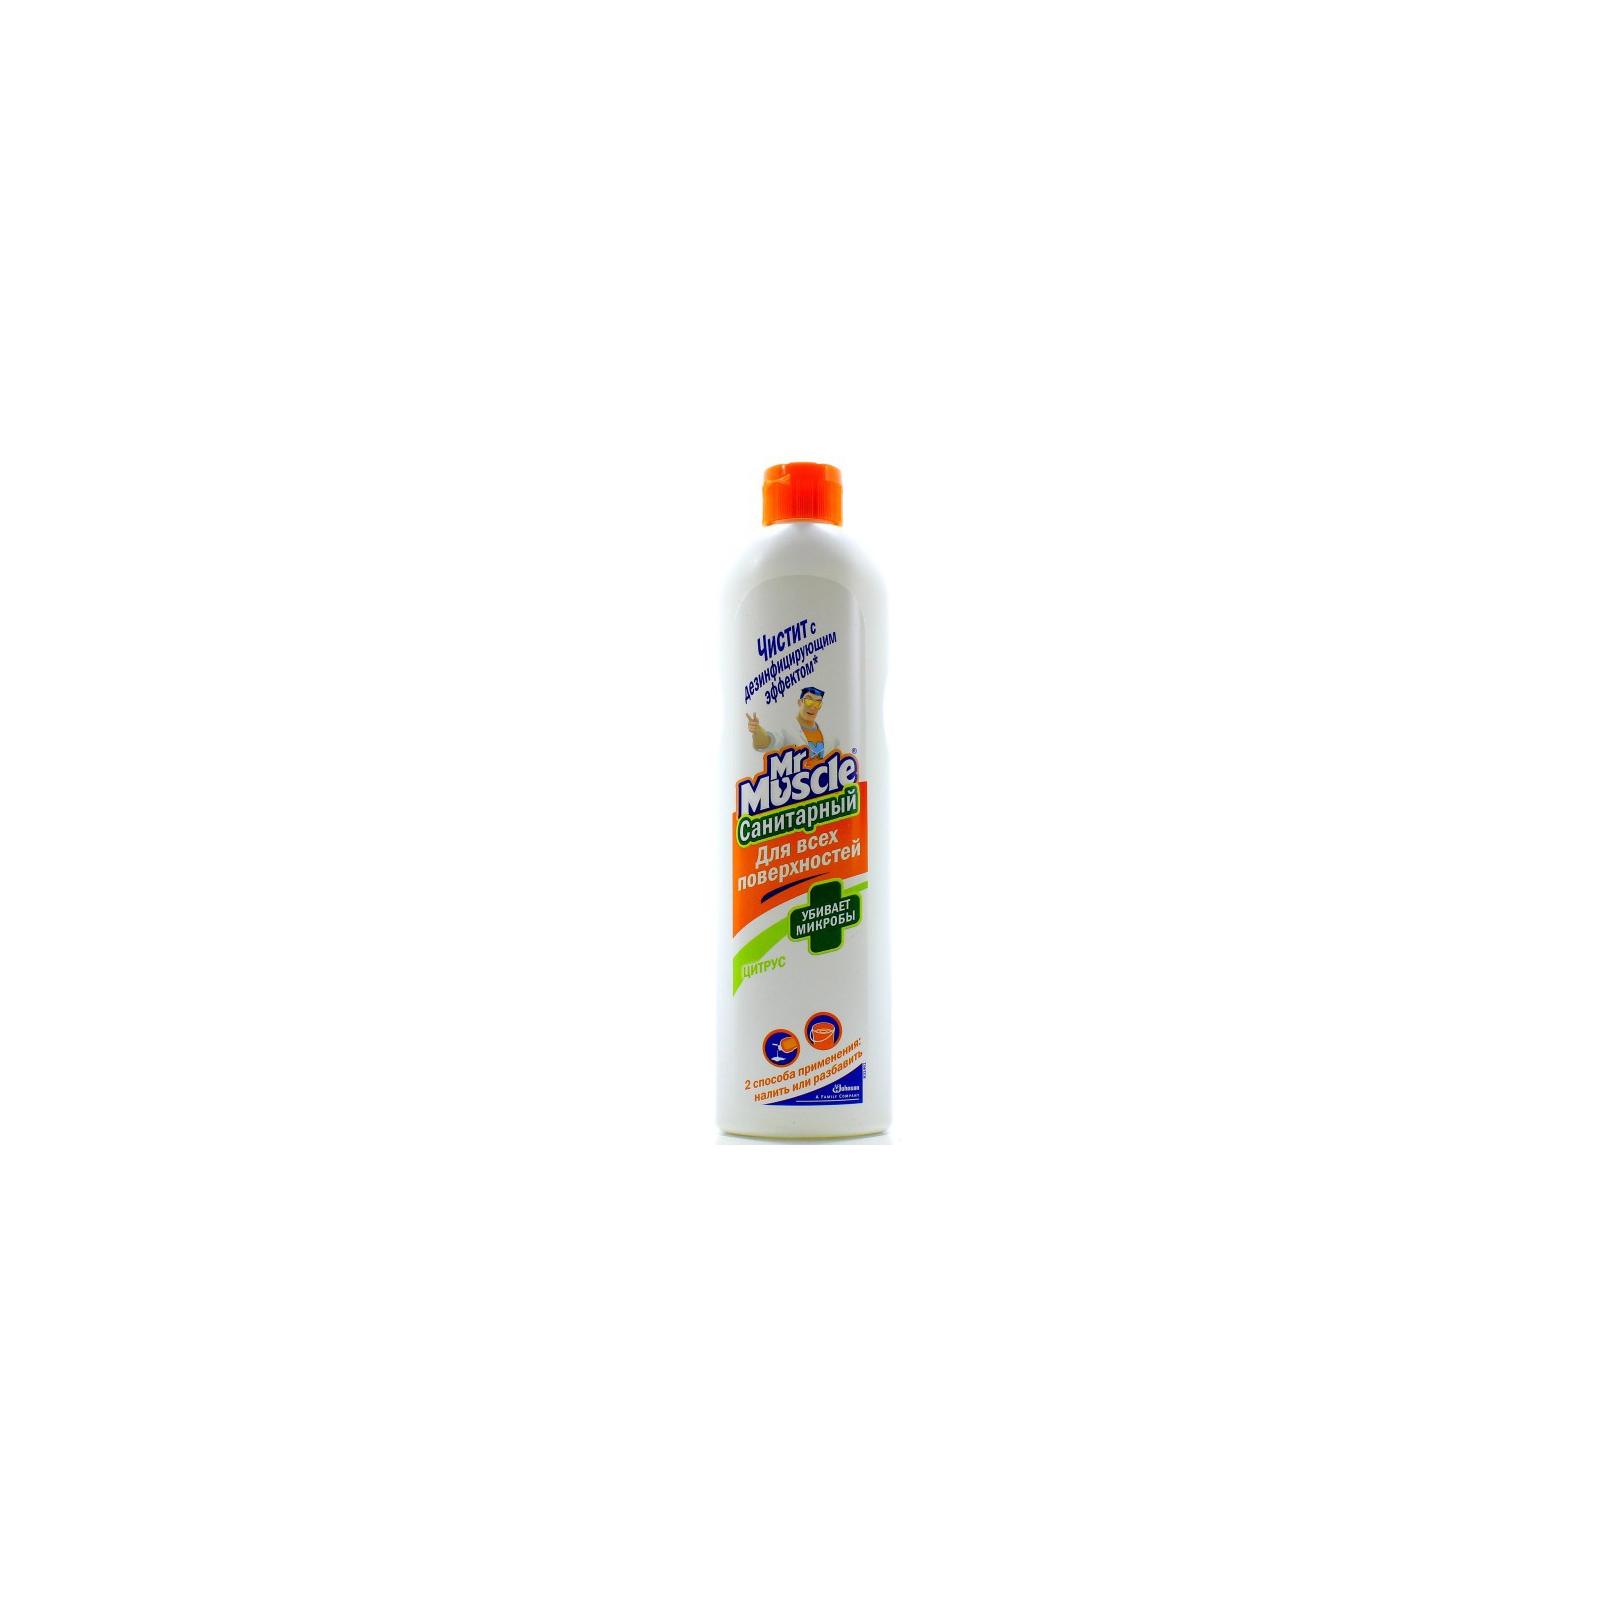 Чистящее средство Мистер Мускул для всех поверхностей Санитарный 500 мл (4823002004533)